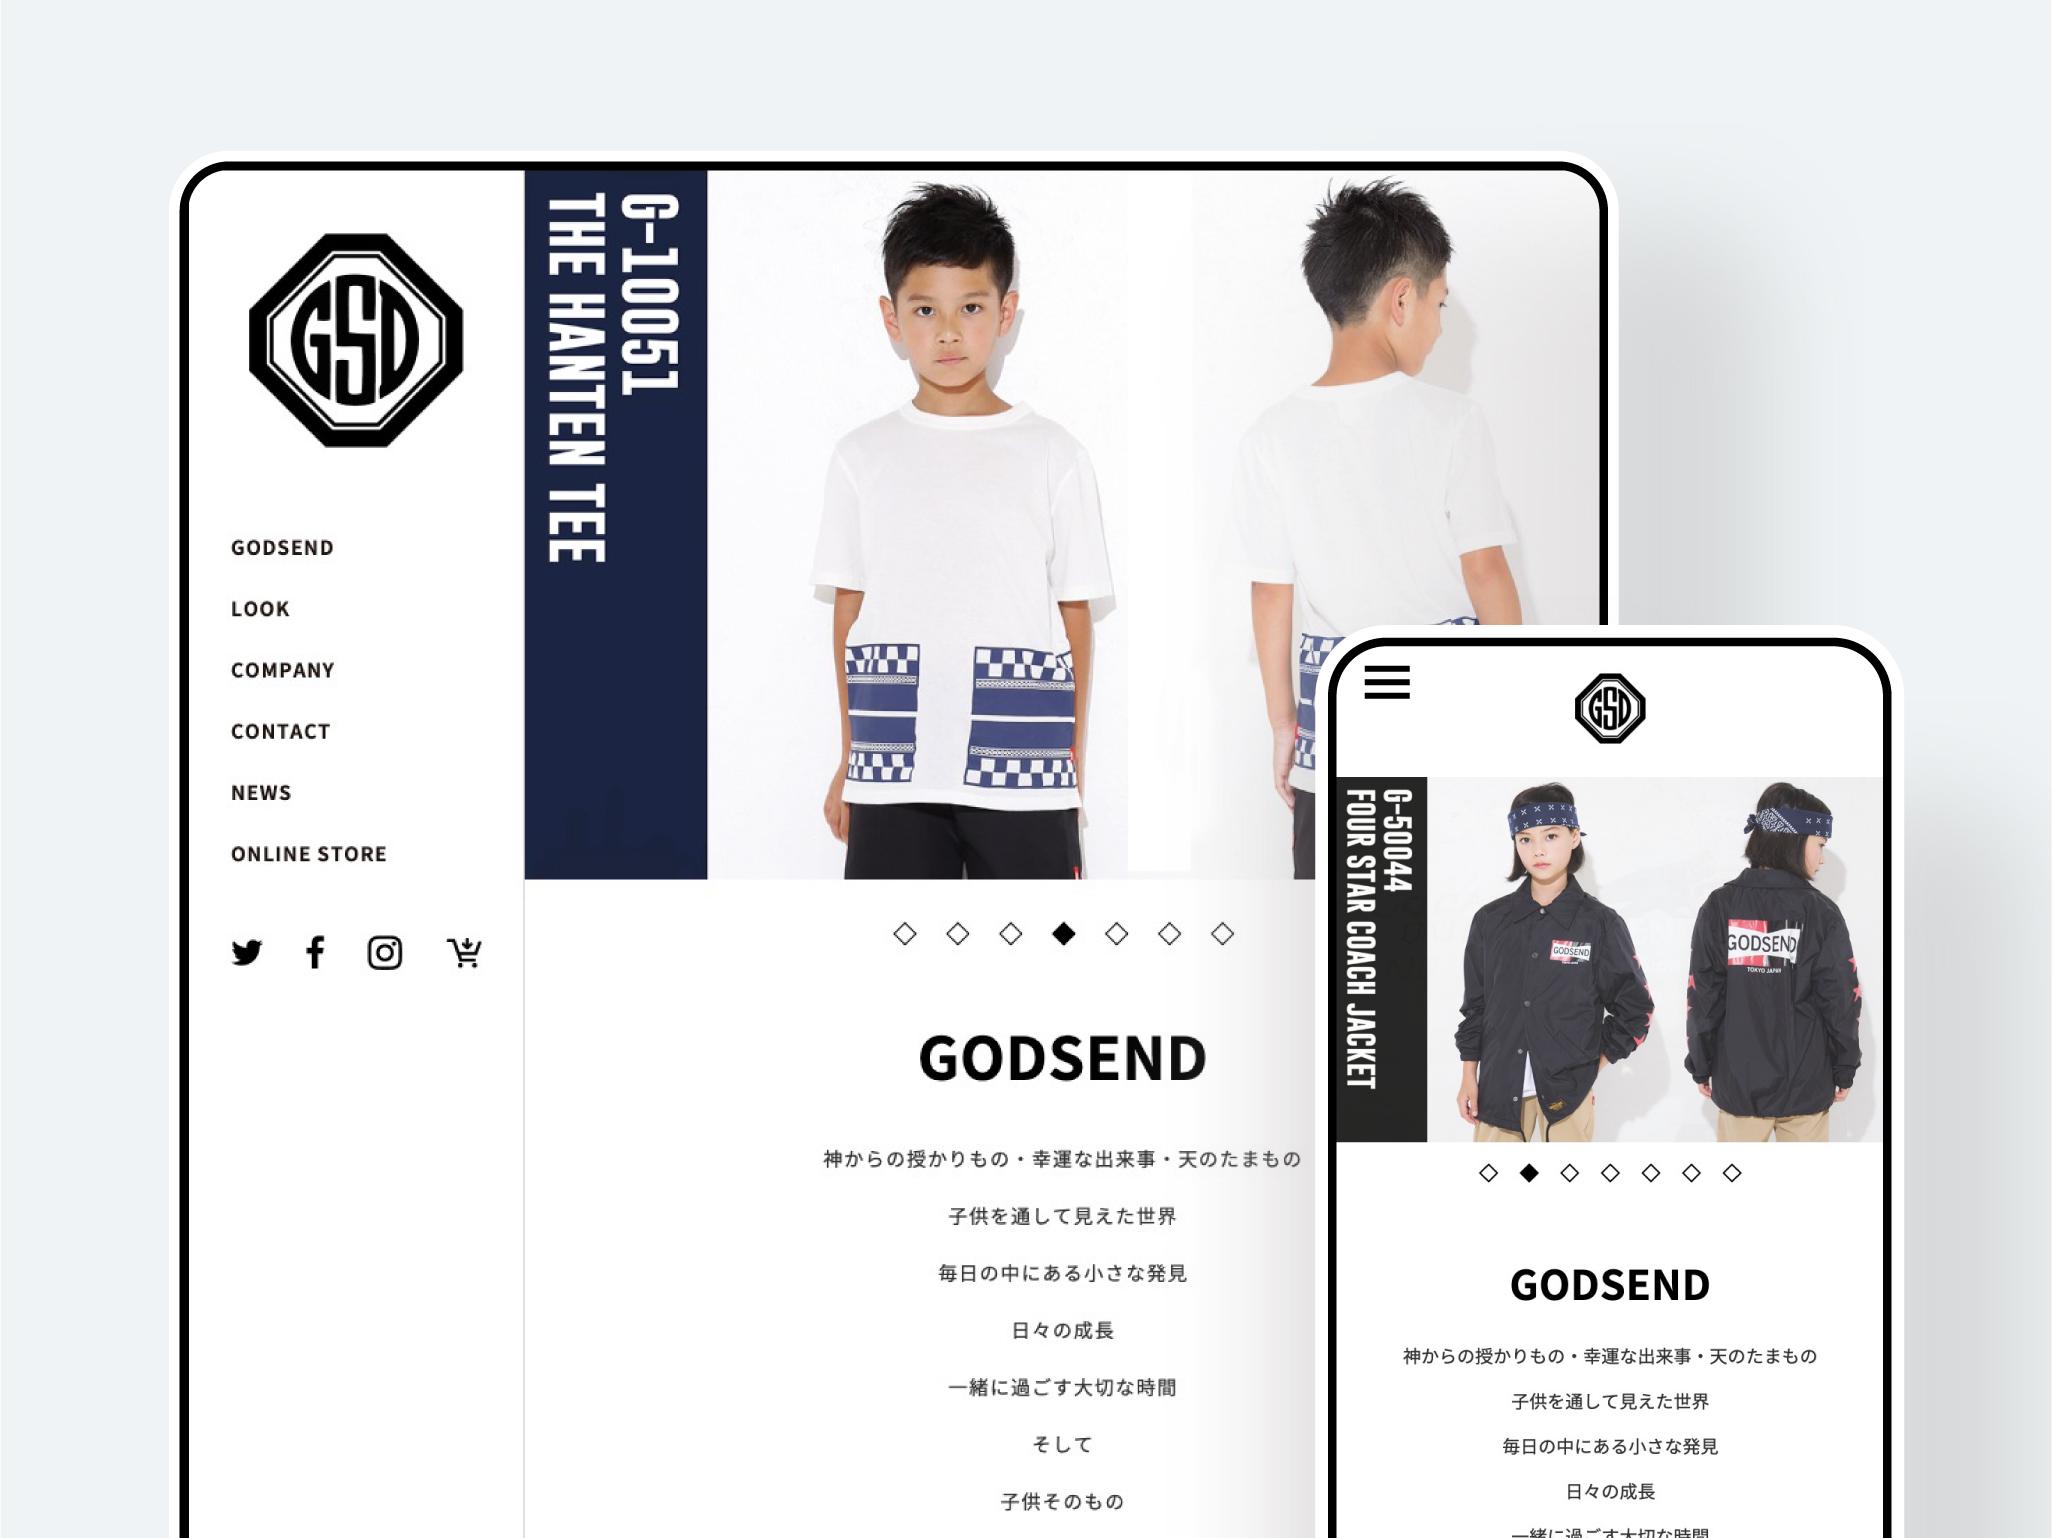 キッズファッションブランドWEBサイト GODSEND(ゴッドセンド)